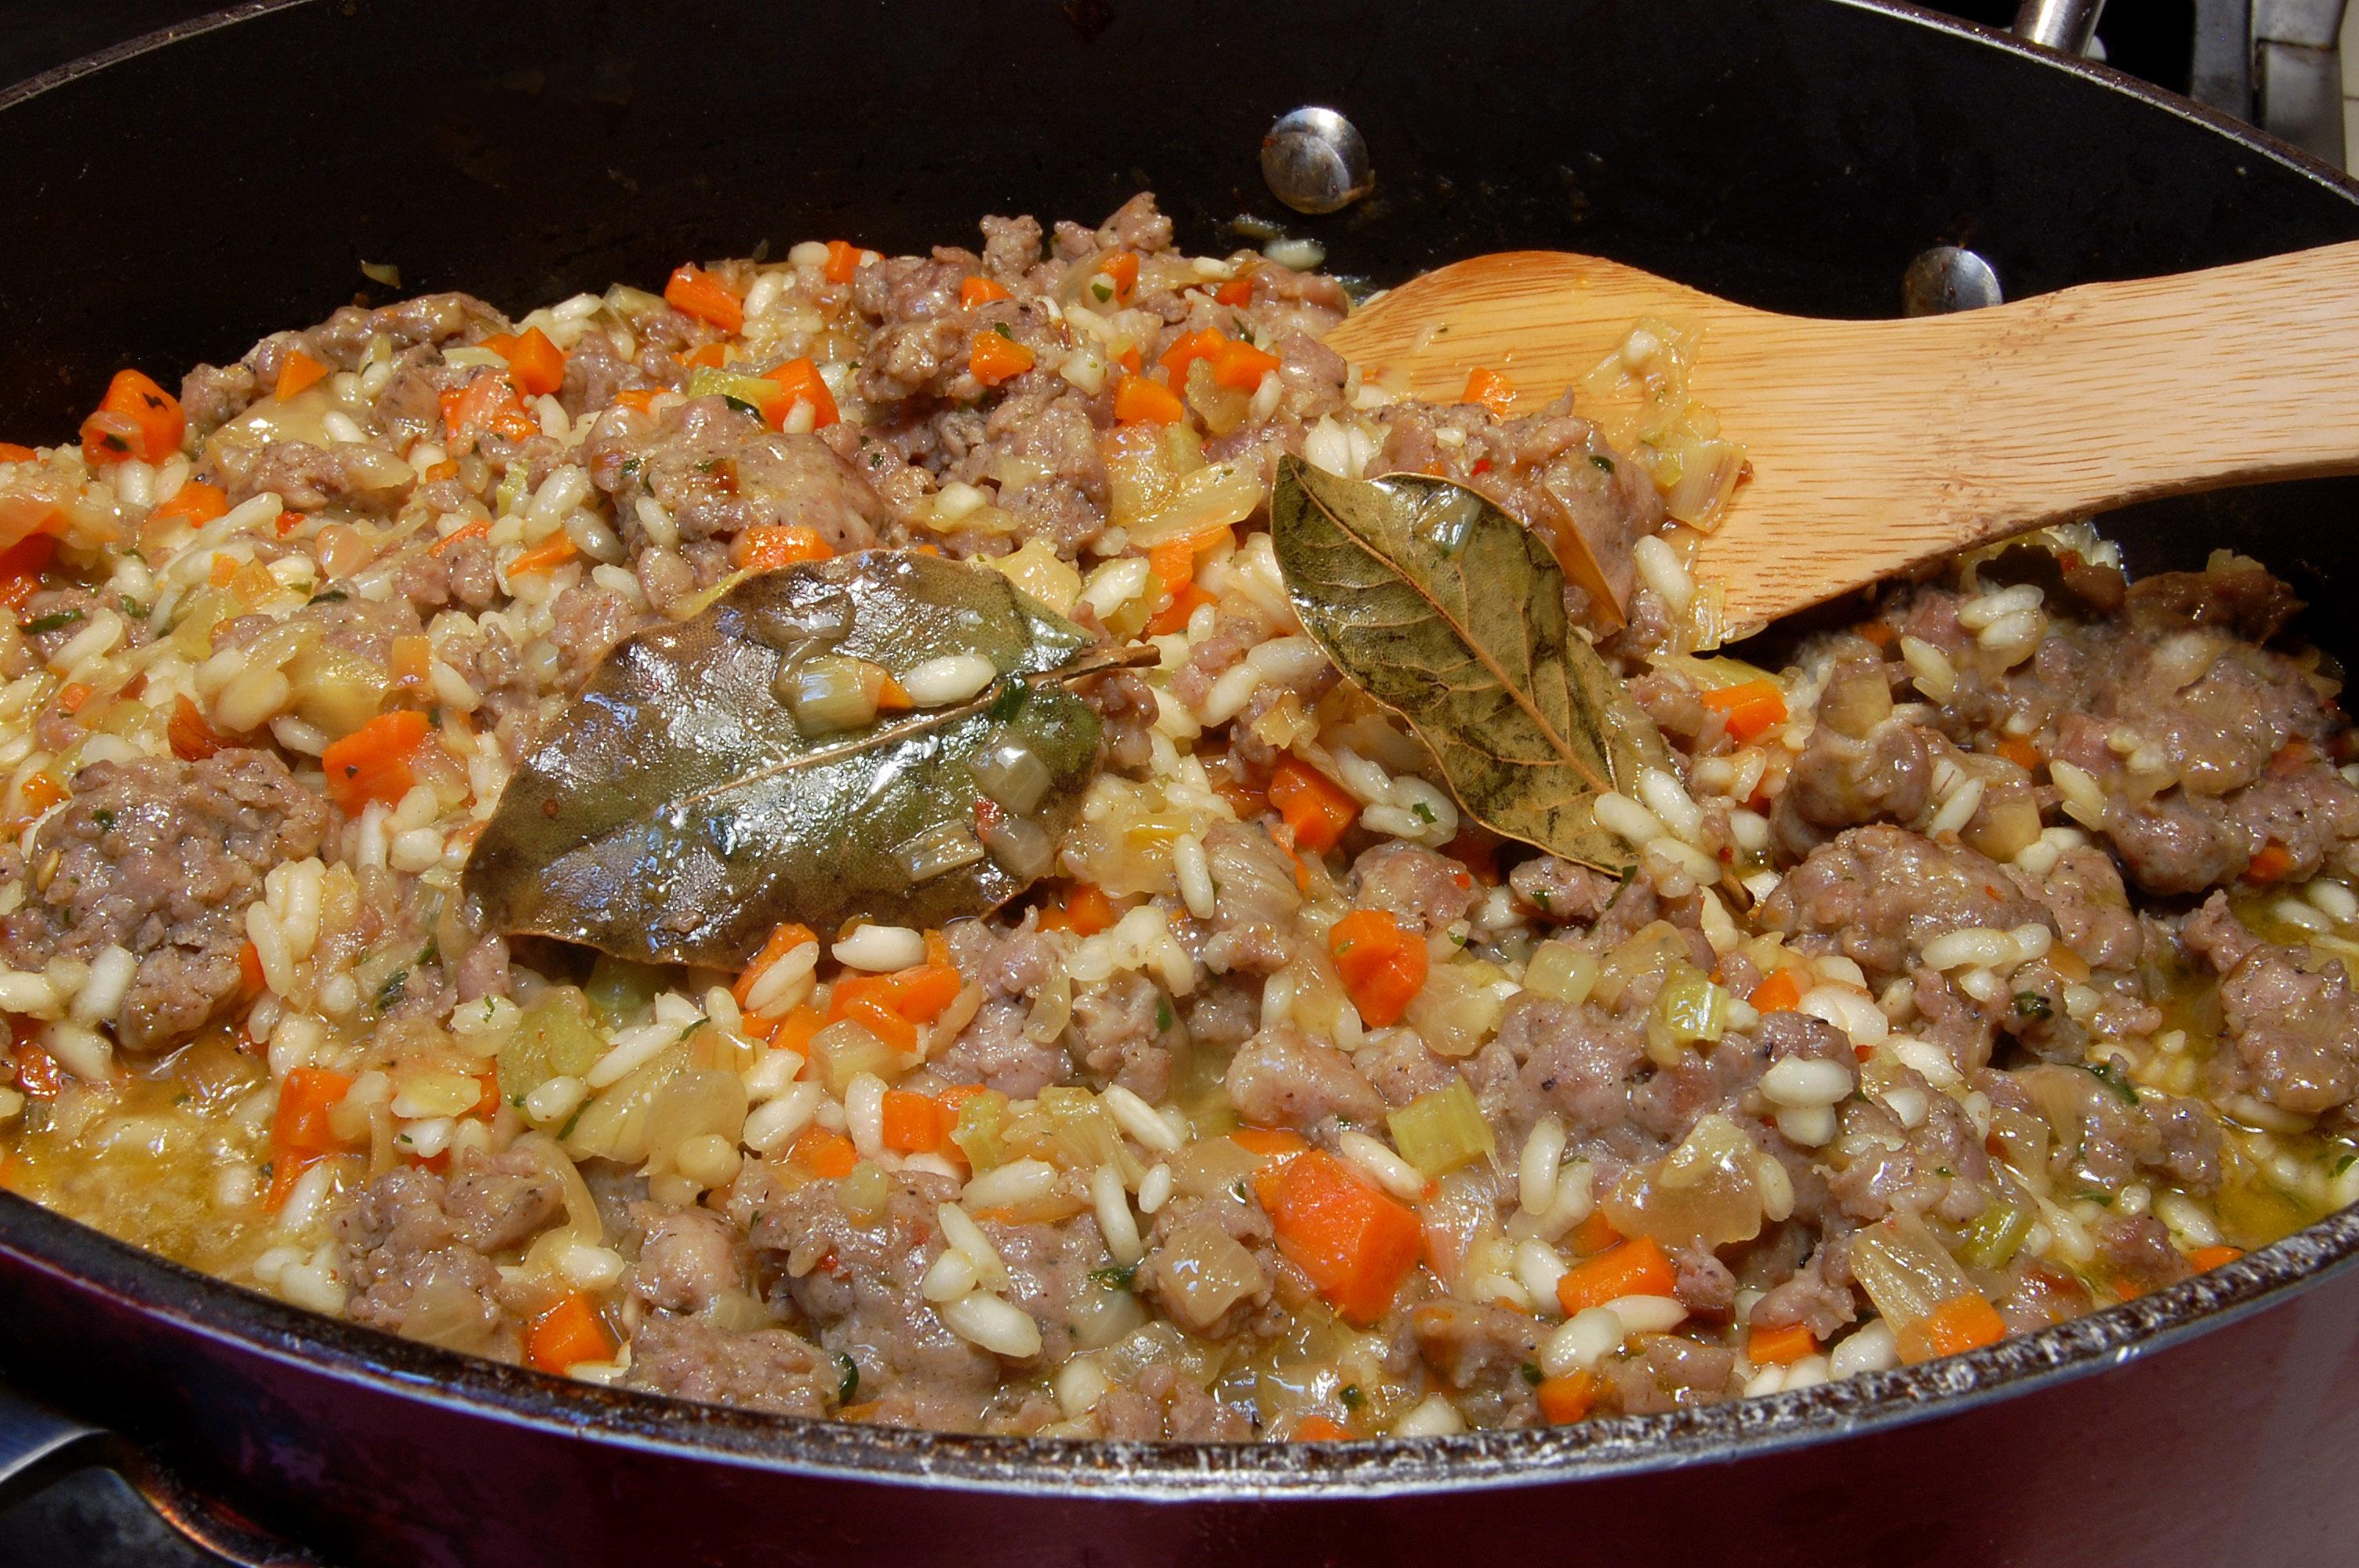 Dutch Oven Crock Pot Rescued Recipes: Hamburger Soup from Jan D'Atri |